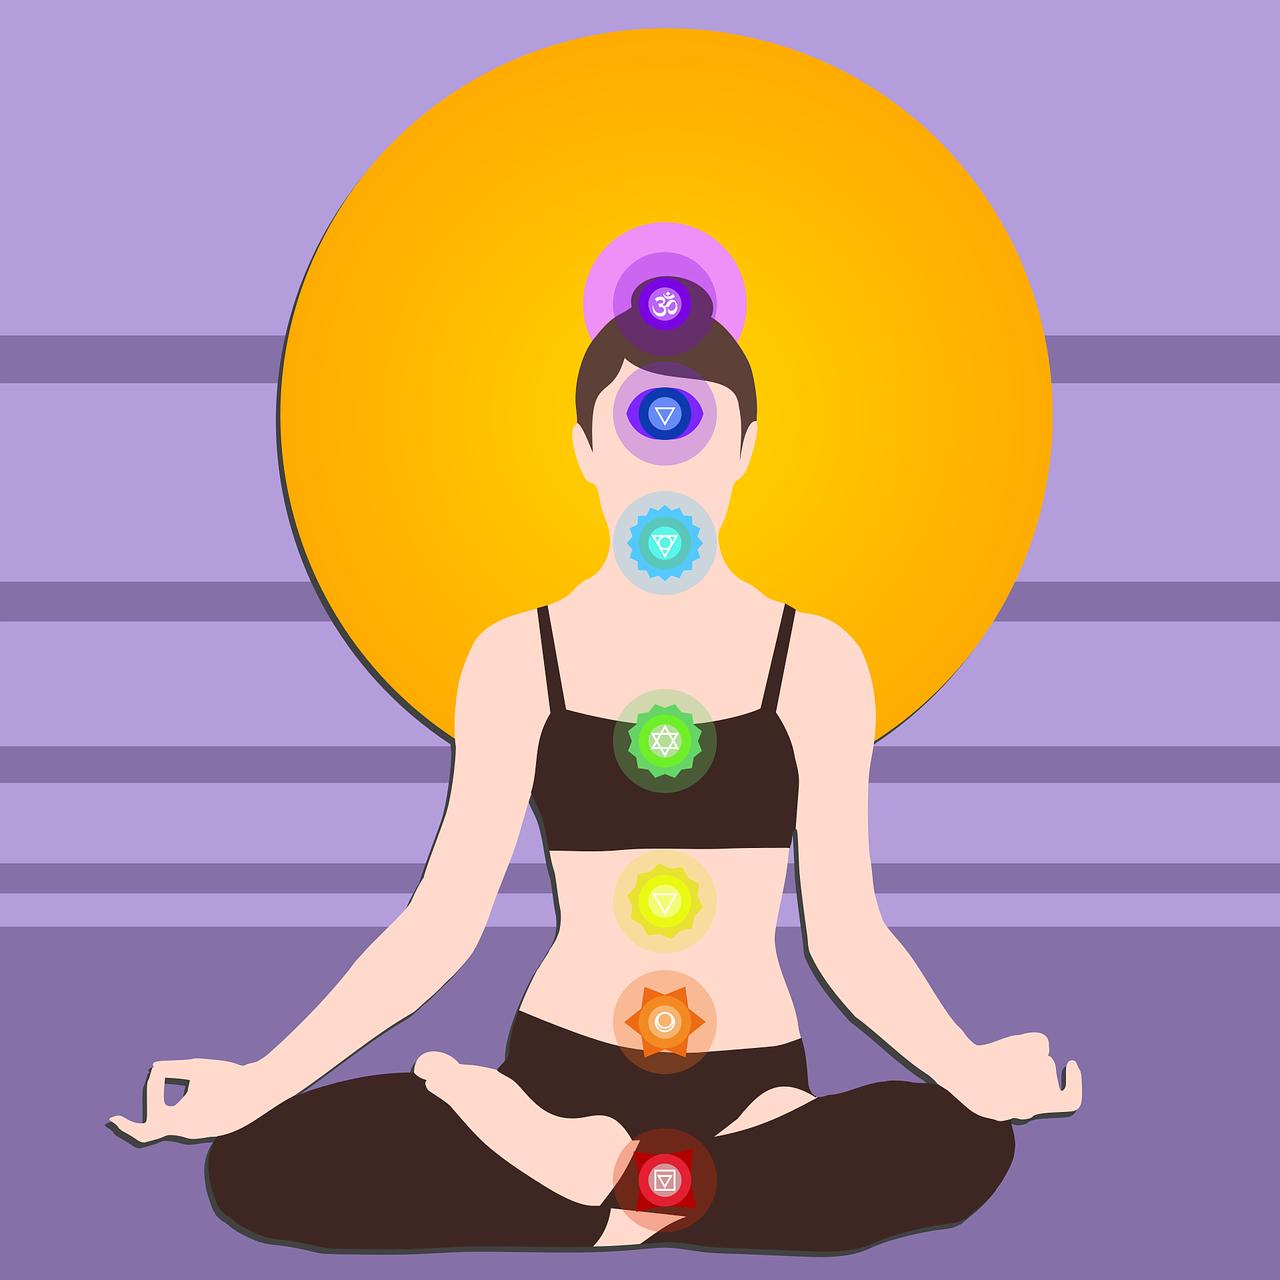 Luân Xa Yoga Thiền - Miễn Phí vector hình ảnh trên Pixabay